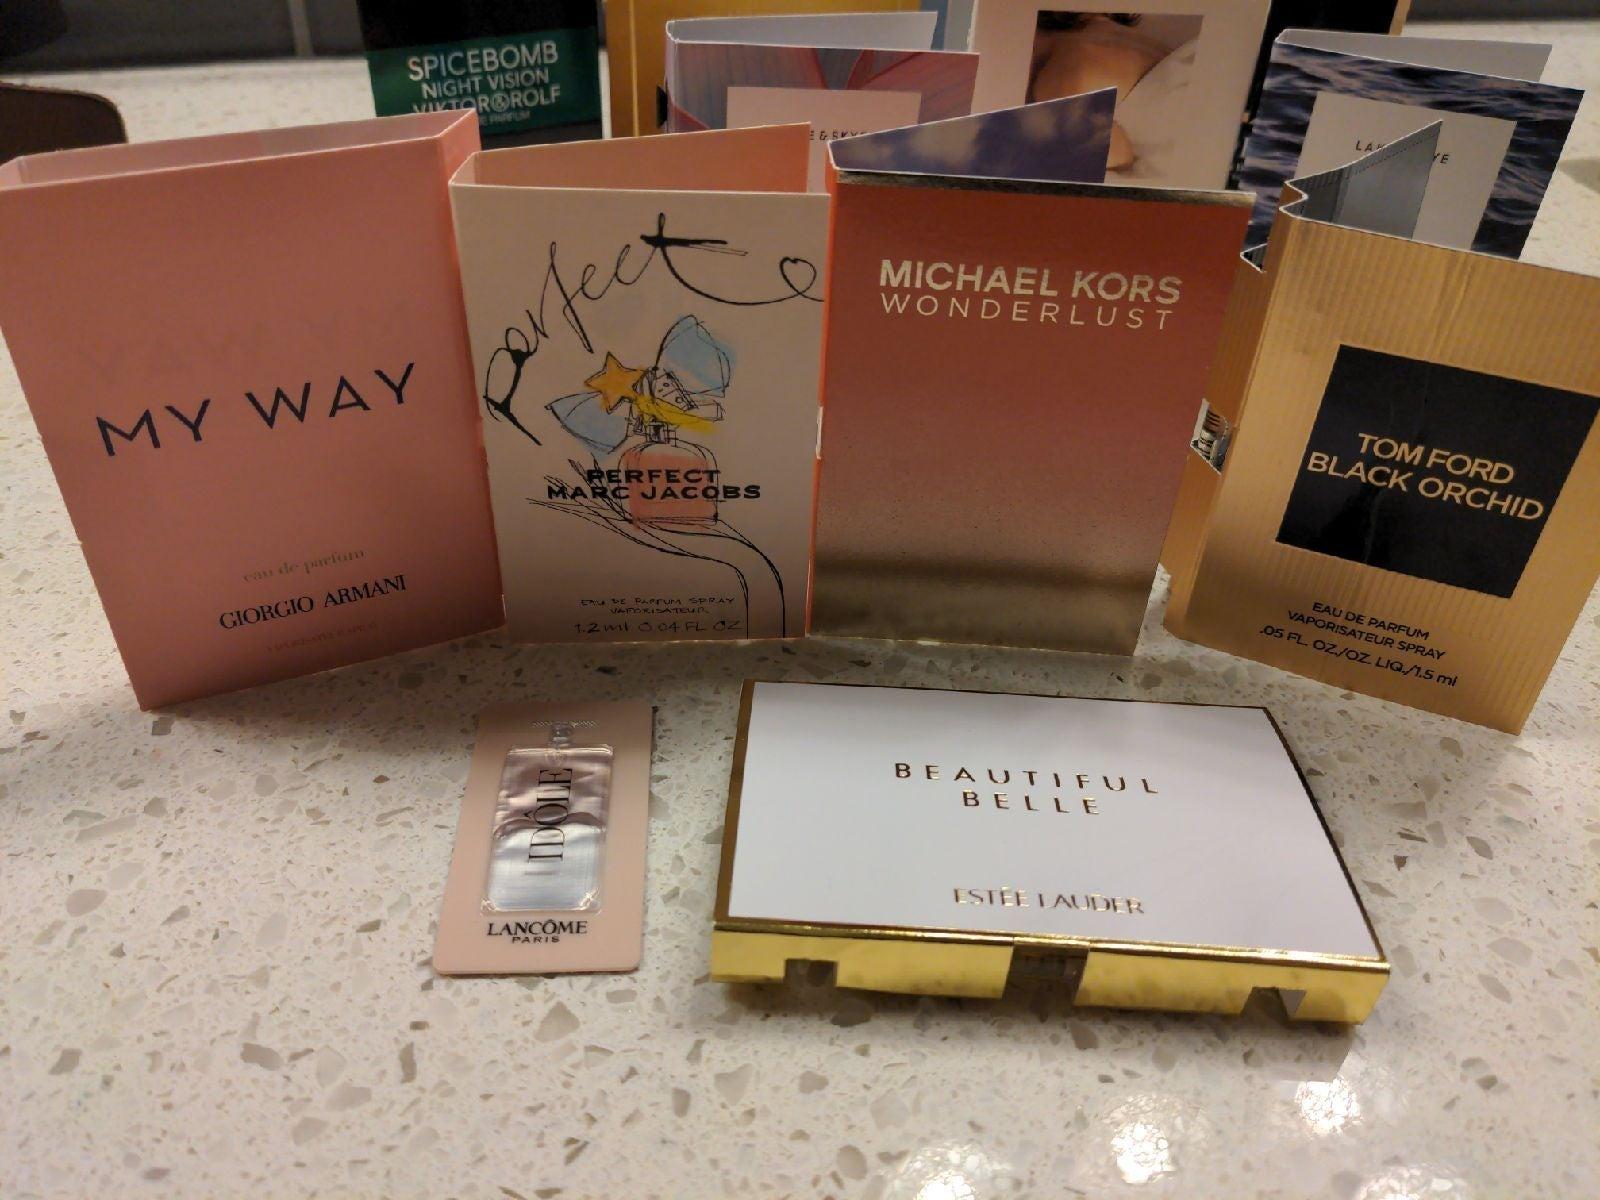 18 perfume samples